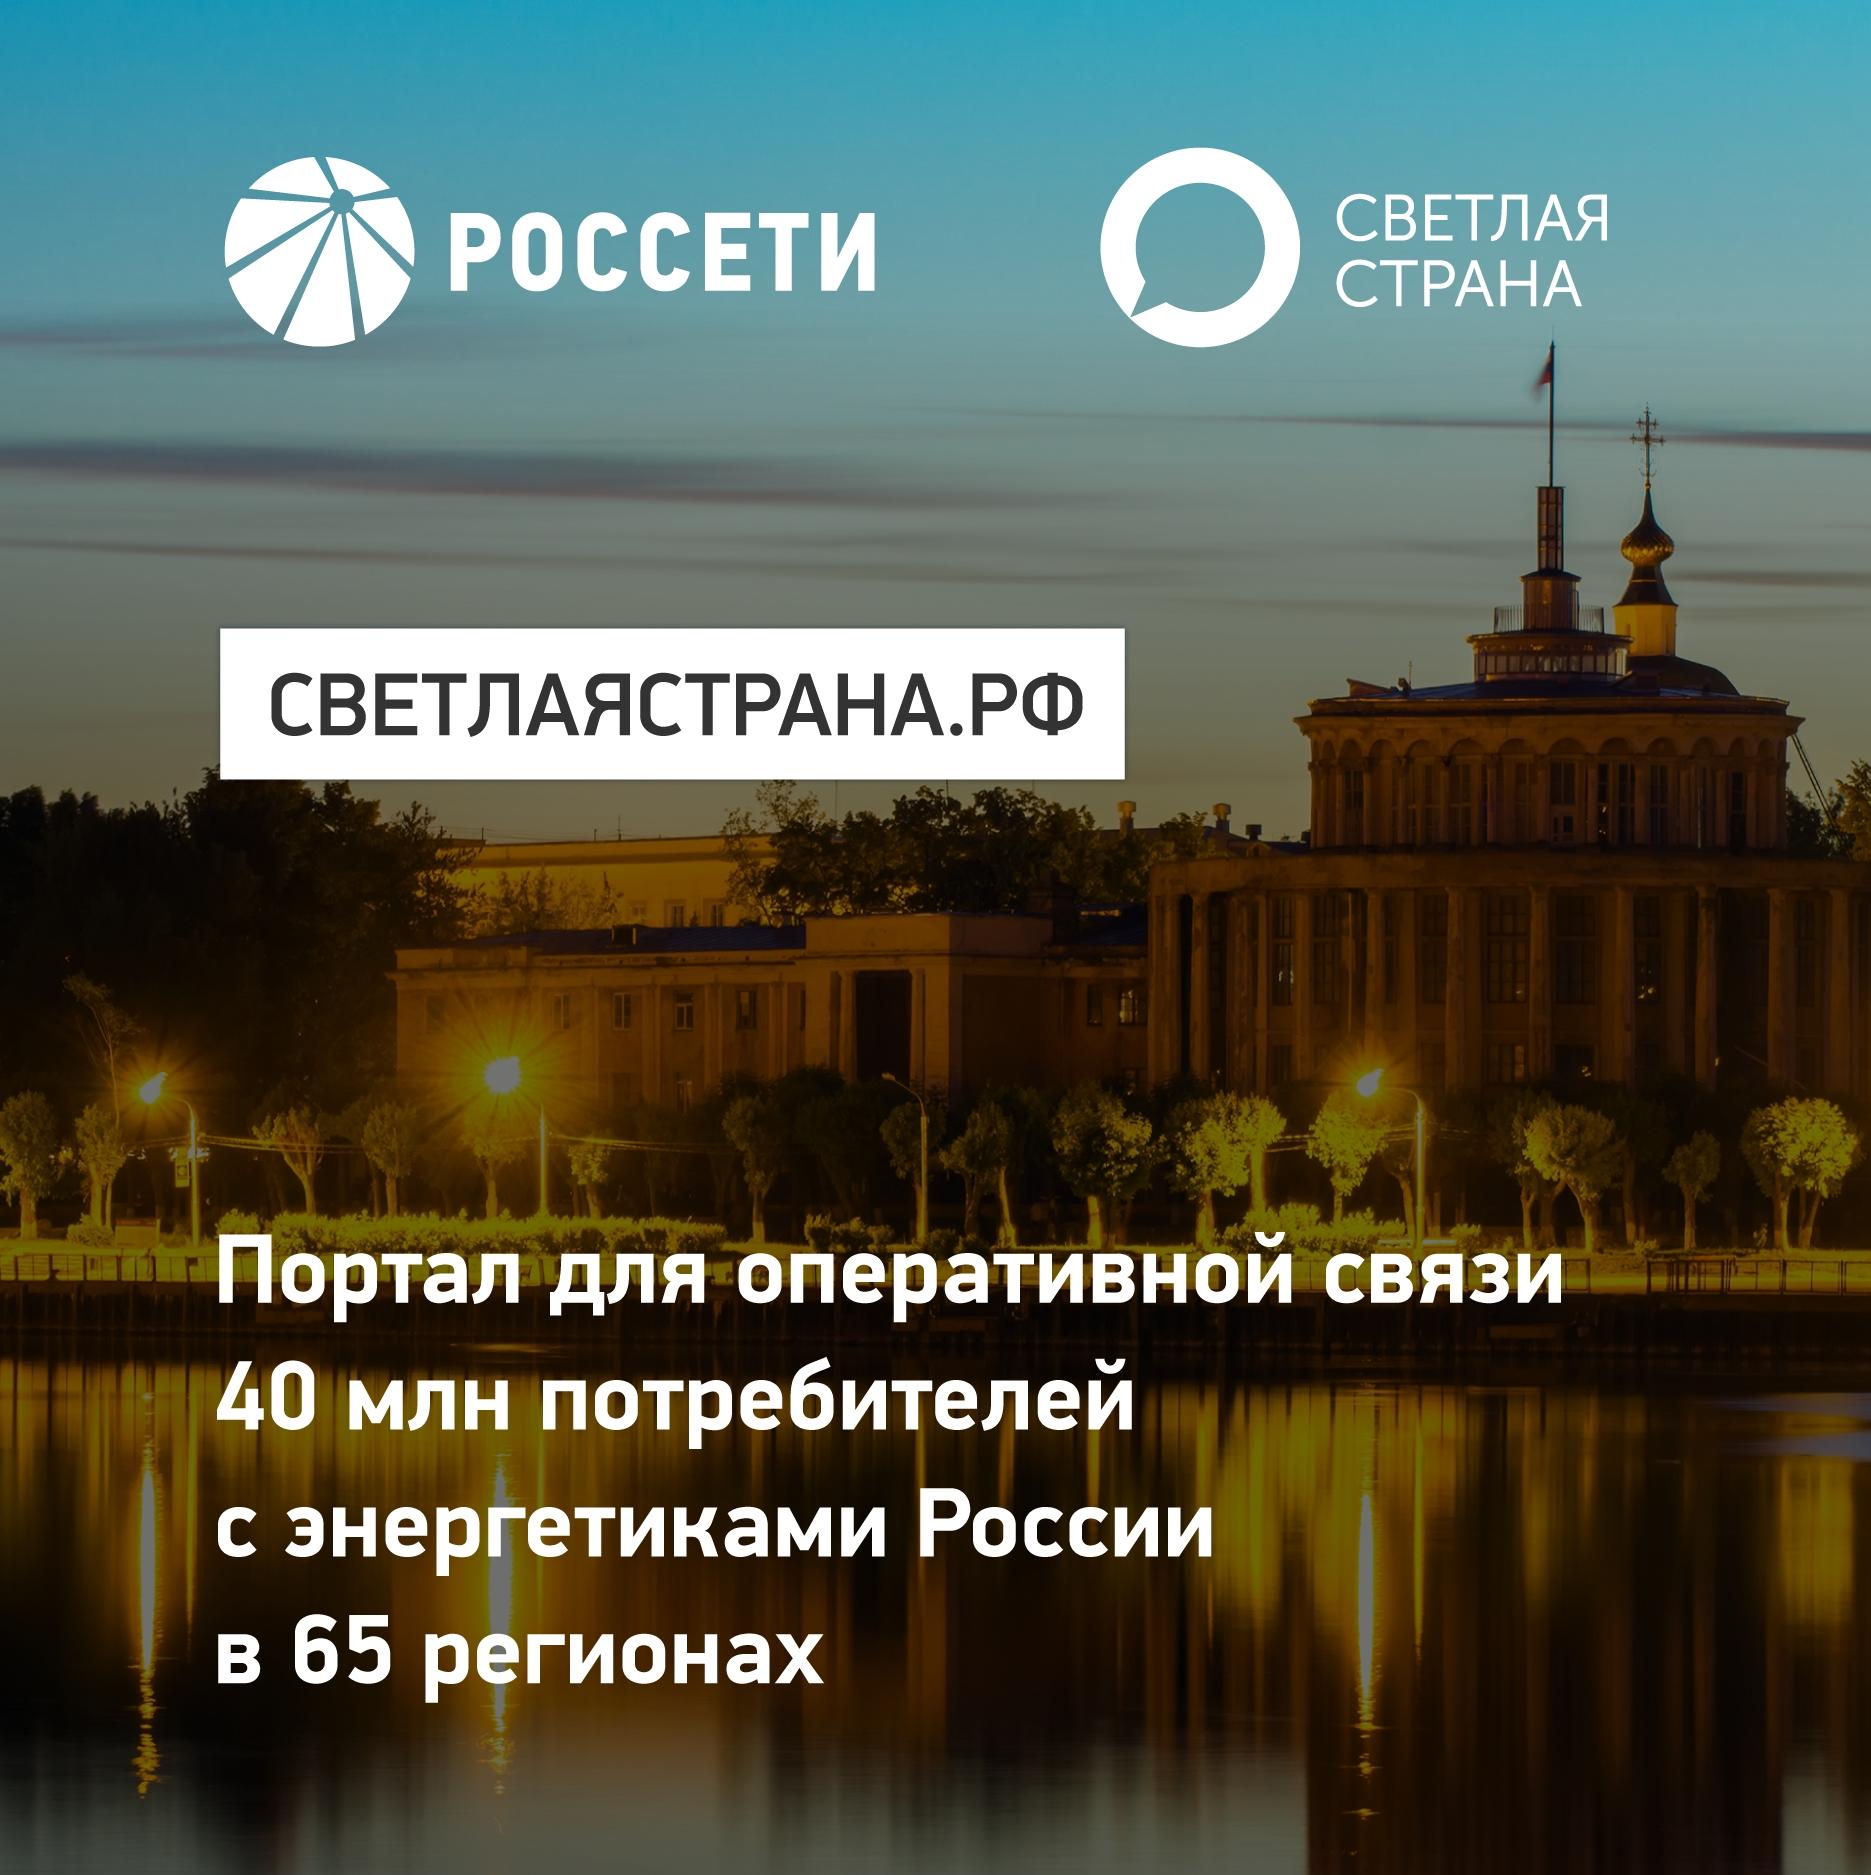 Портал «Светлая страна»